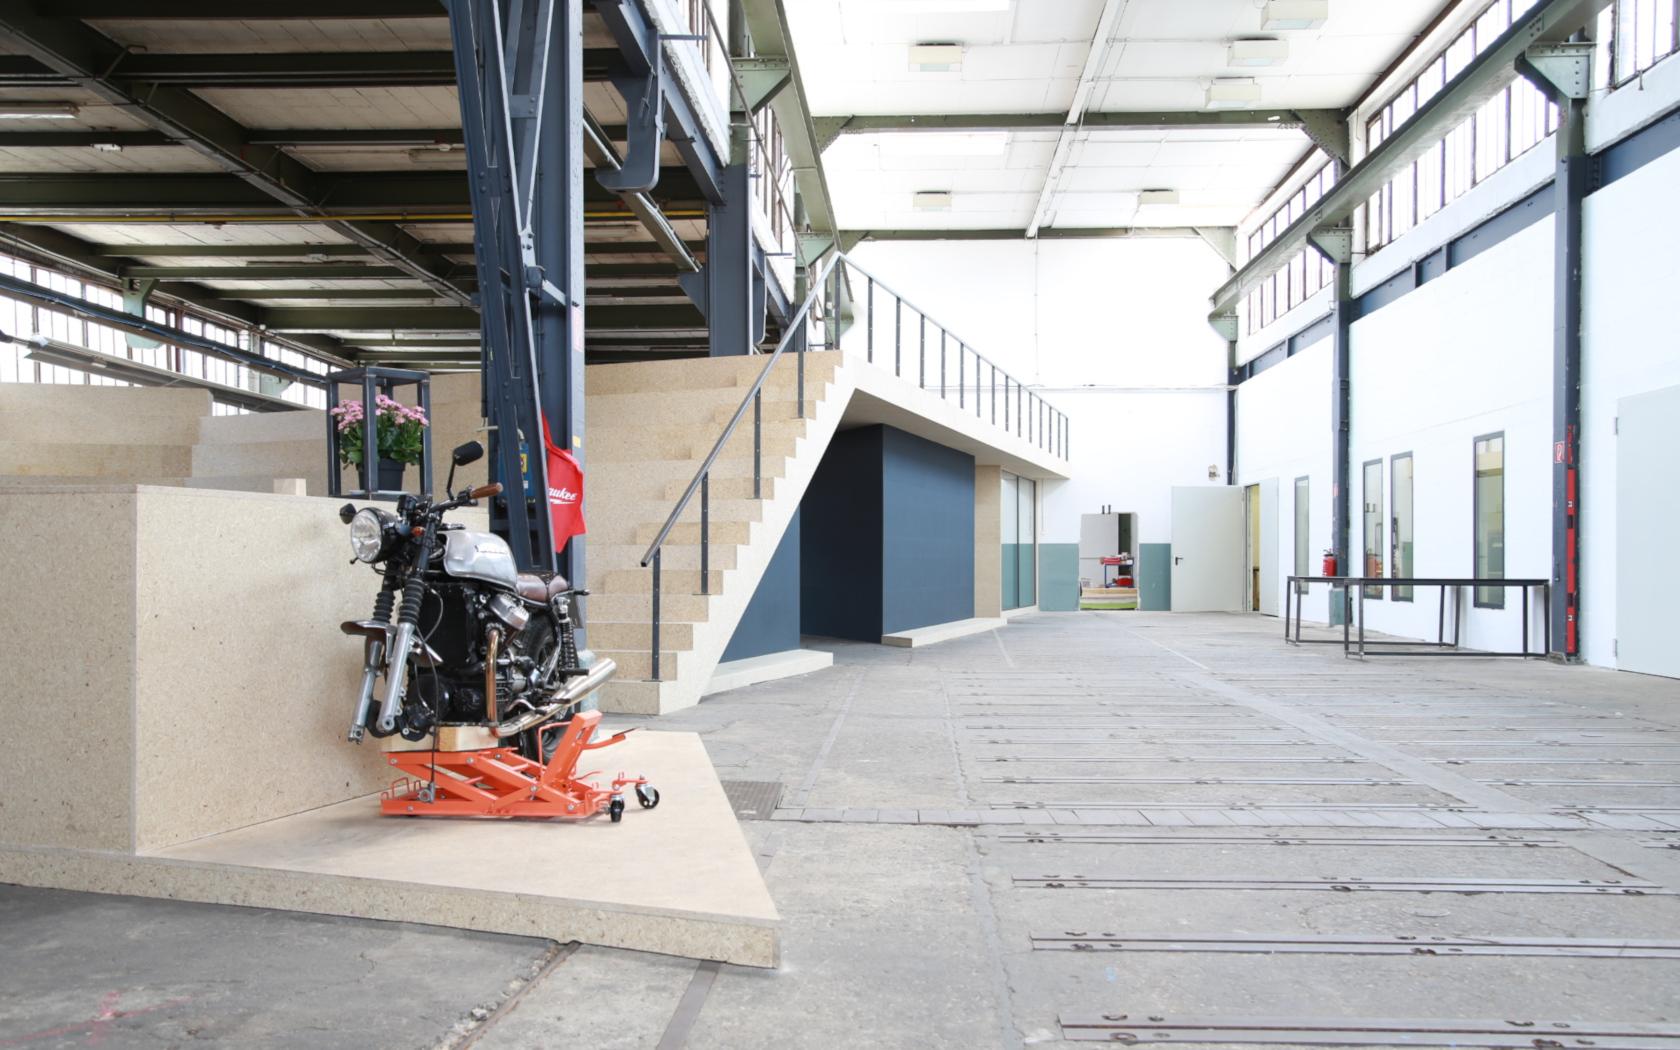 Planung und Realisierung, Makerspace Tatcraft GmbH, Architektur im Raum, 2017